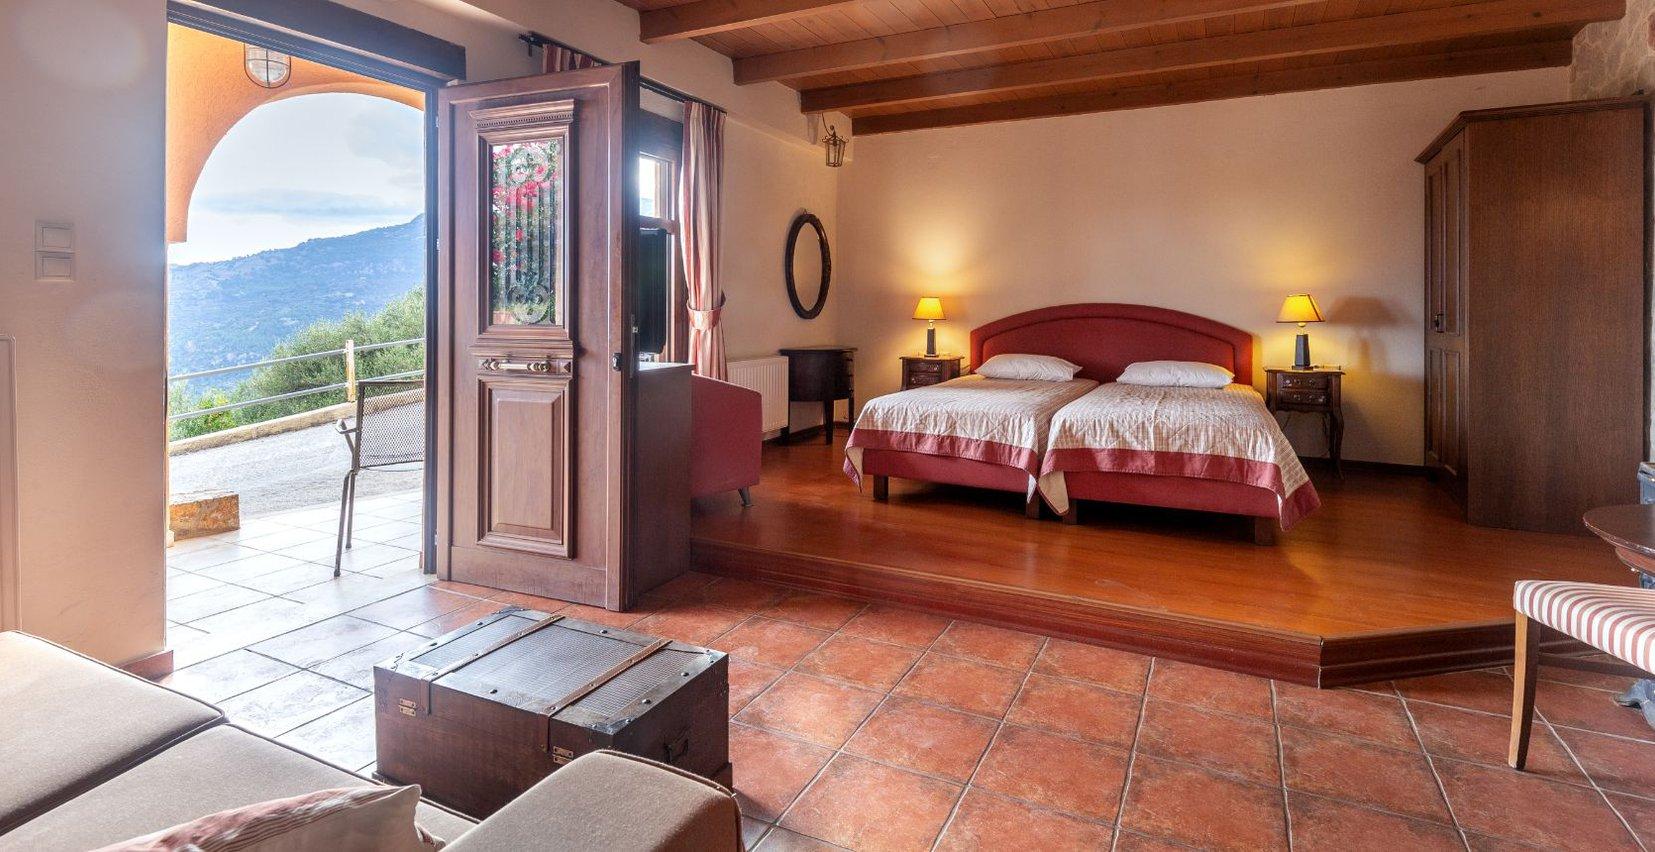 The interior of the Lavender Superior residence of Mala Villa in Crete